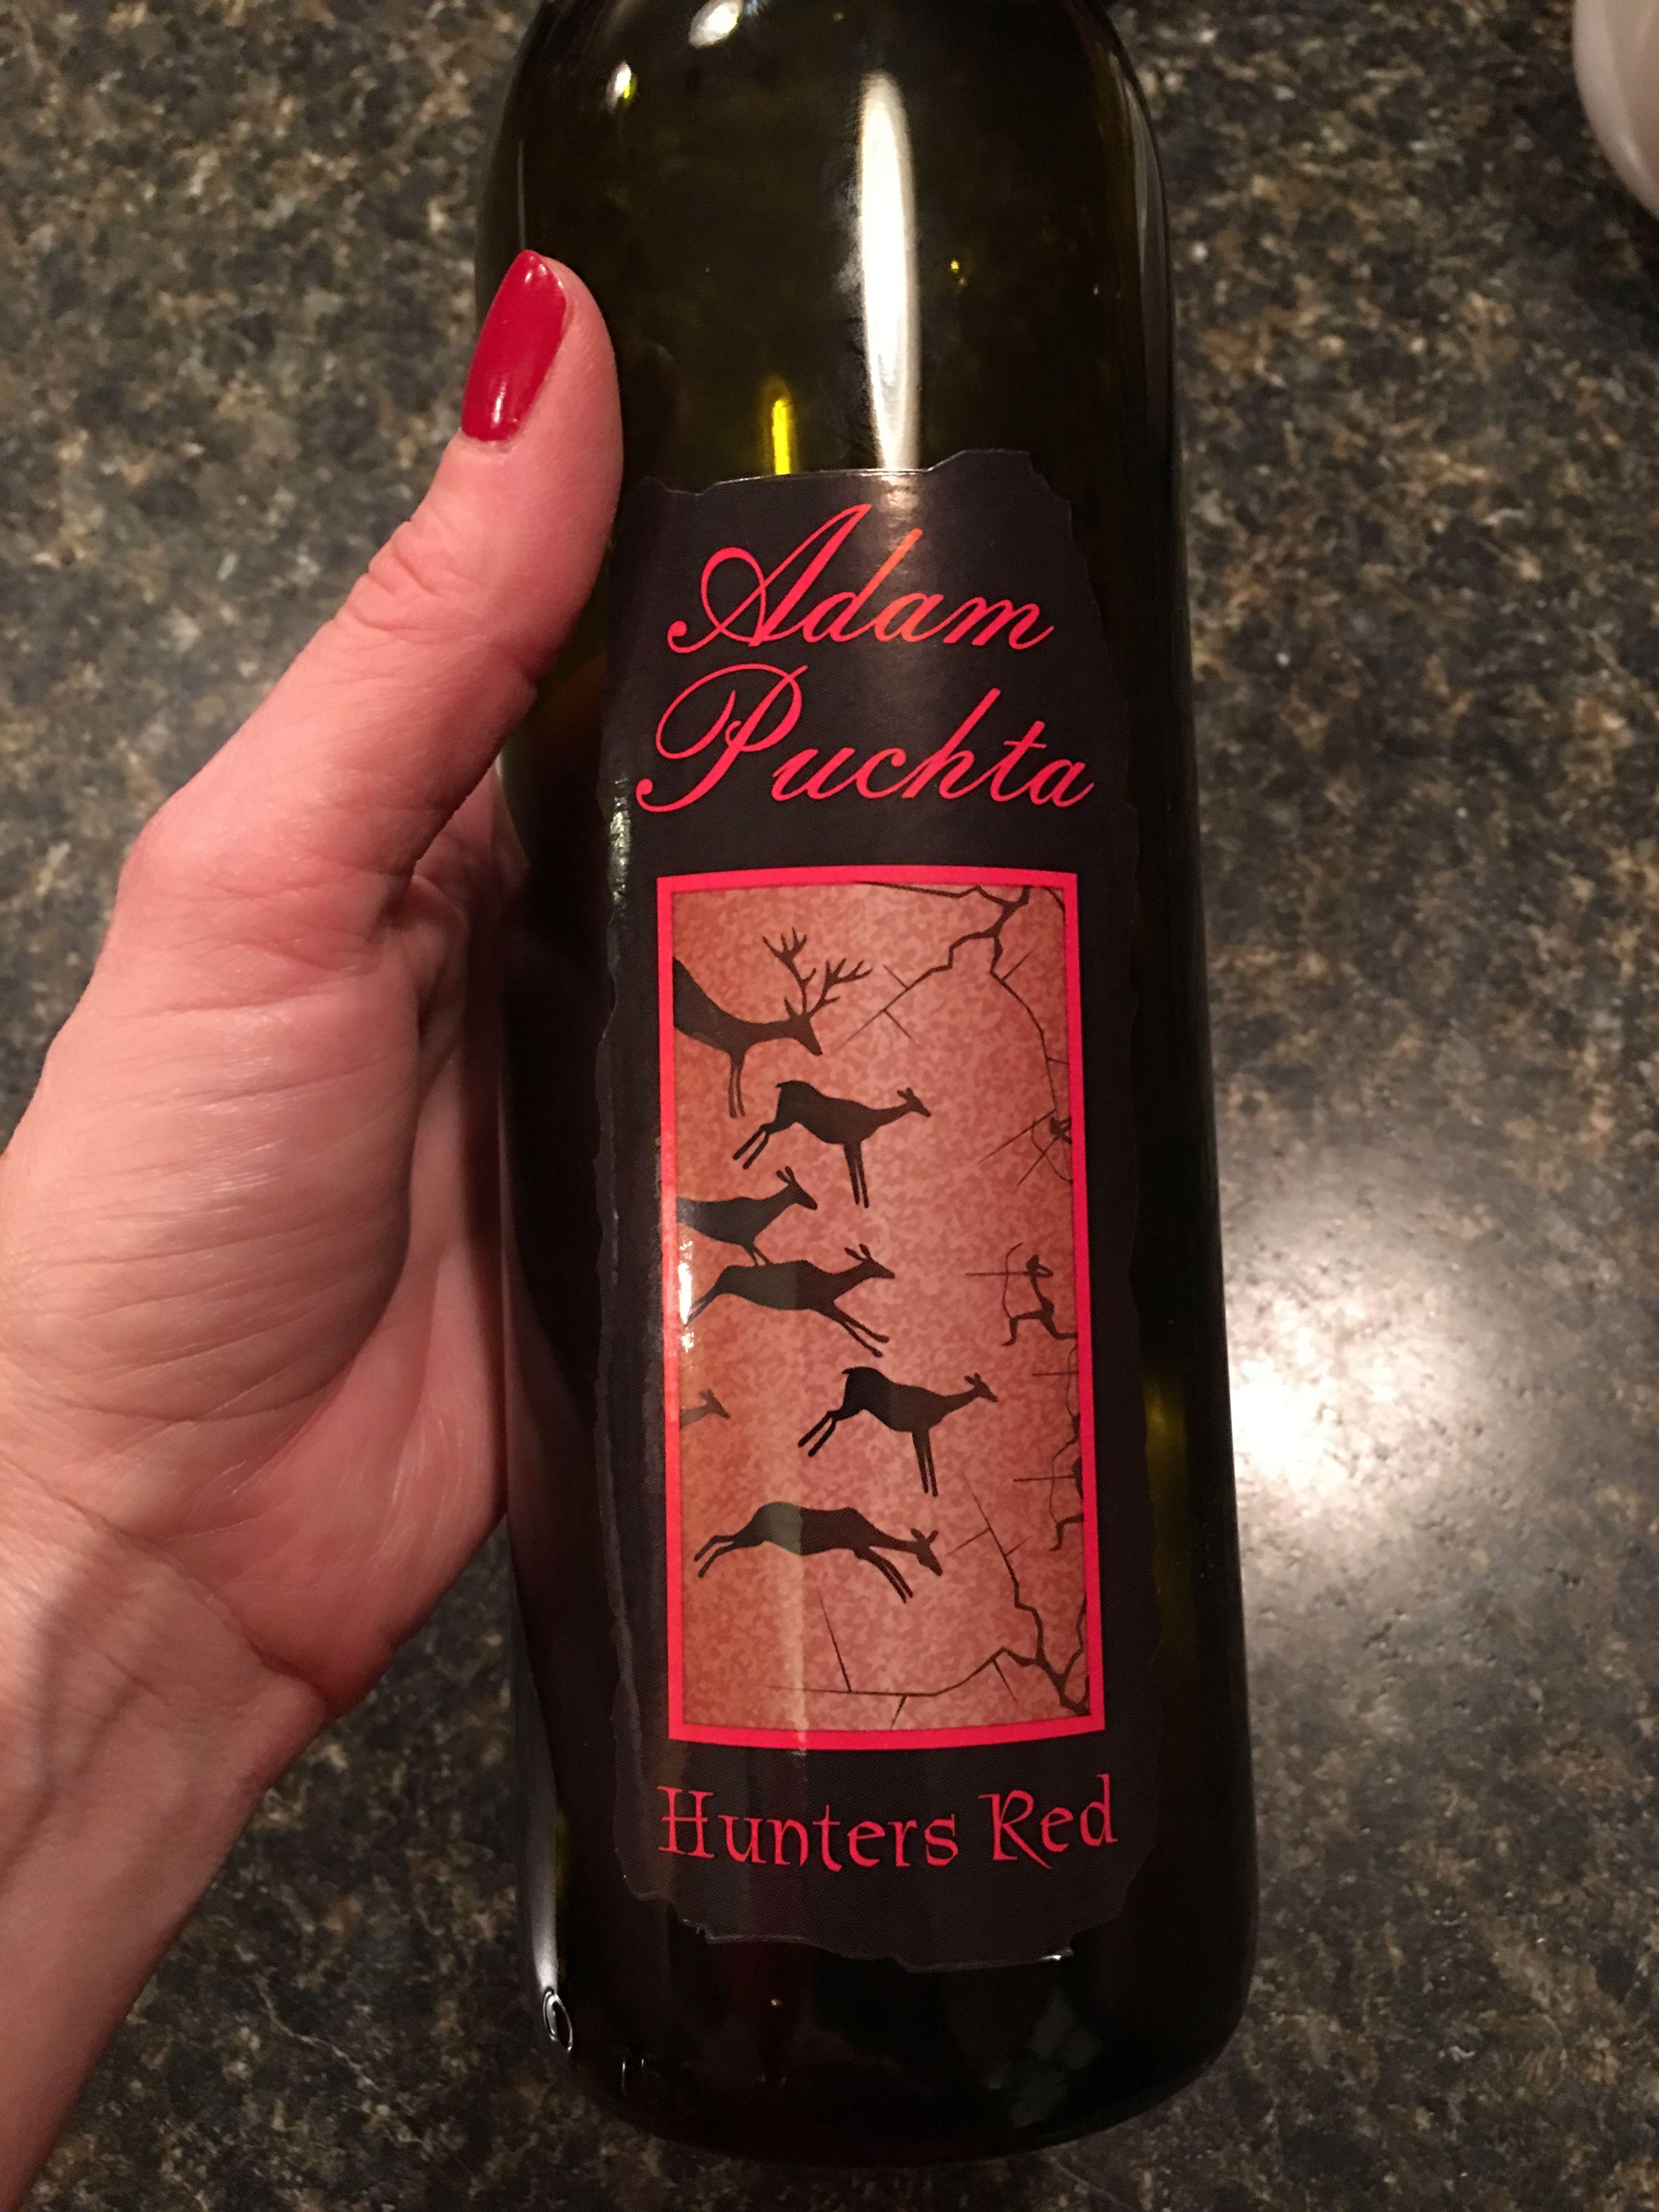 Pin By Beth Oneil On Wine List Wine Bottle Wine List Bottle